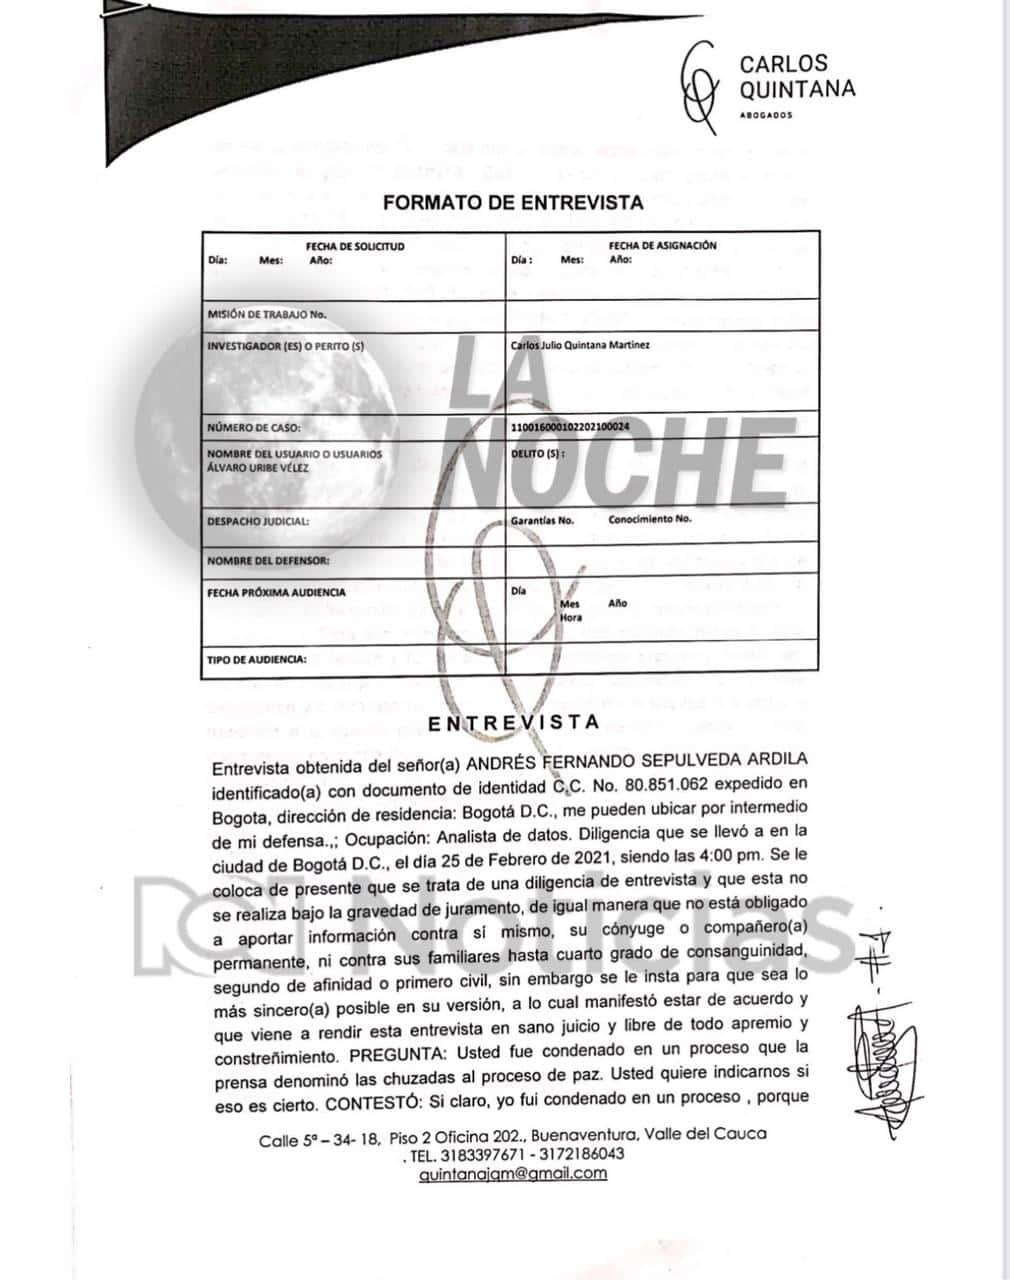 Declaración de Andrés Fernando Sepúlveda